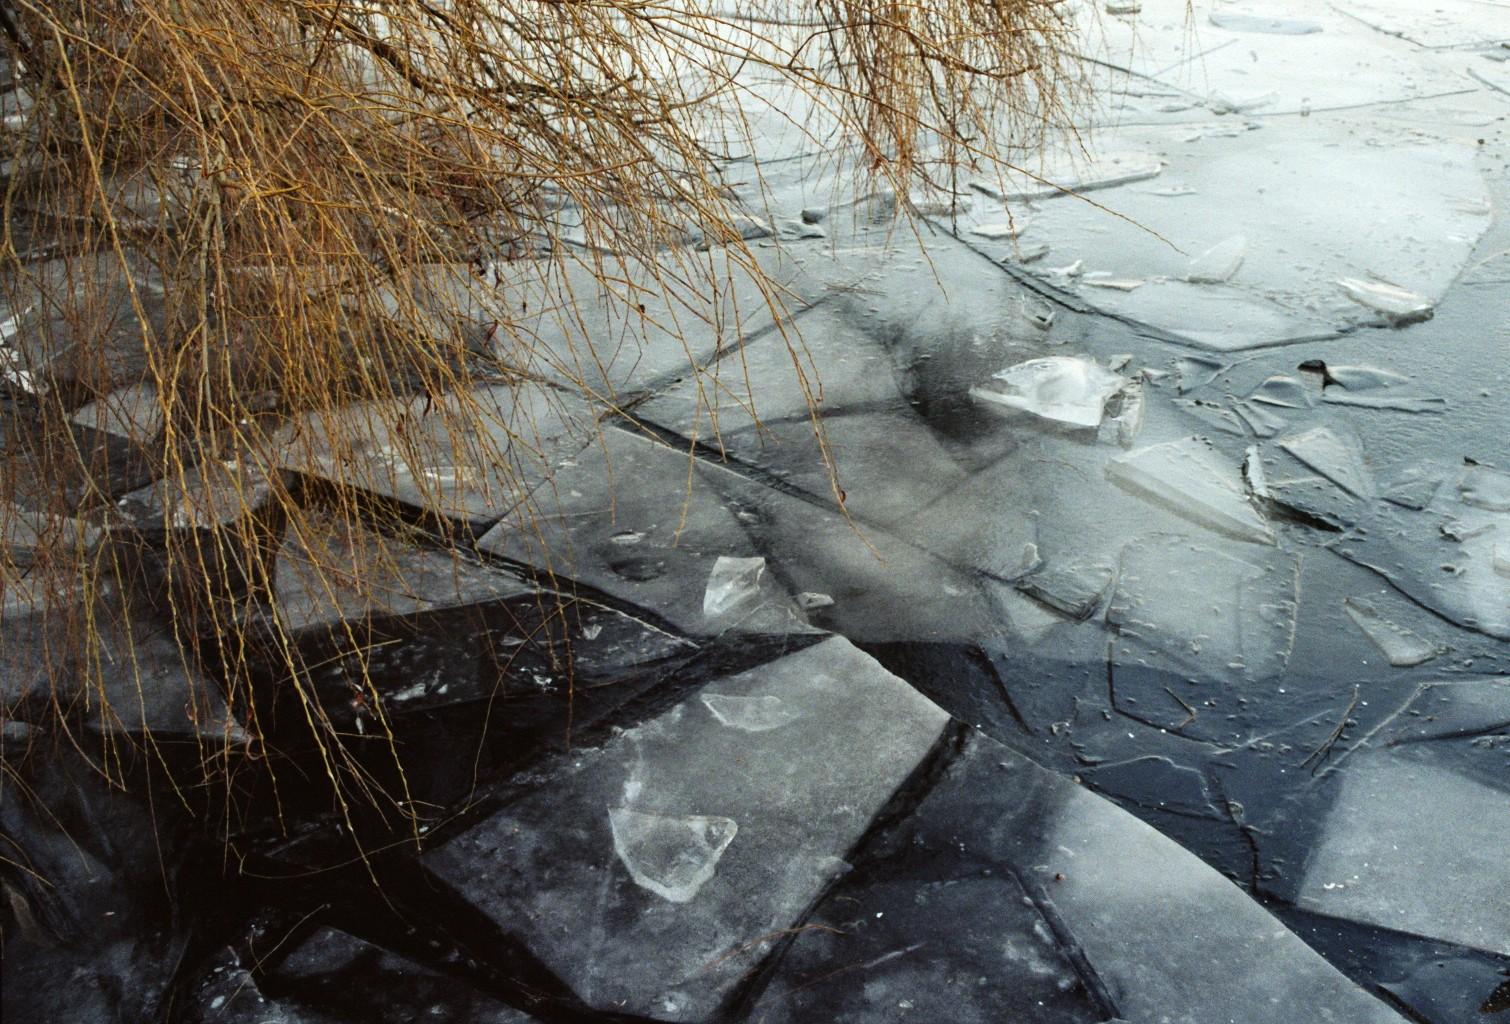 Trauerweide überm Eis